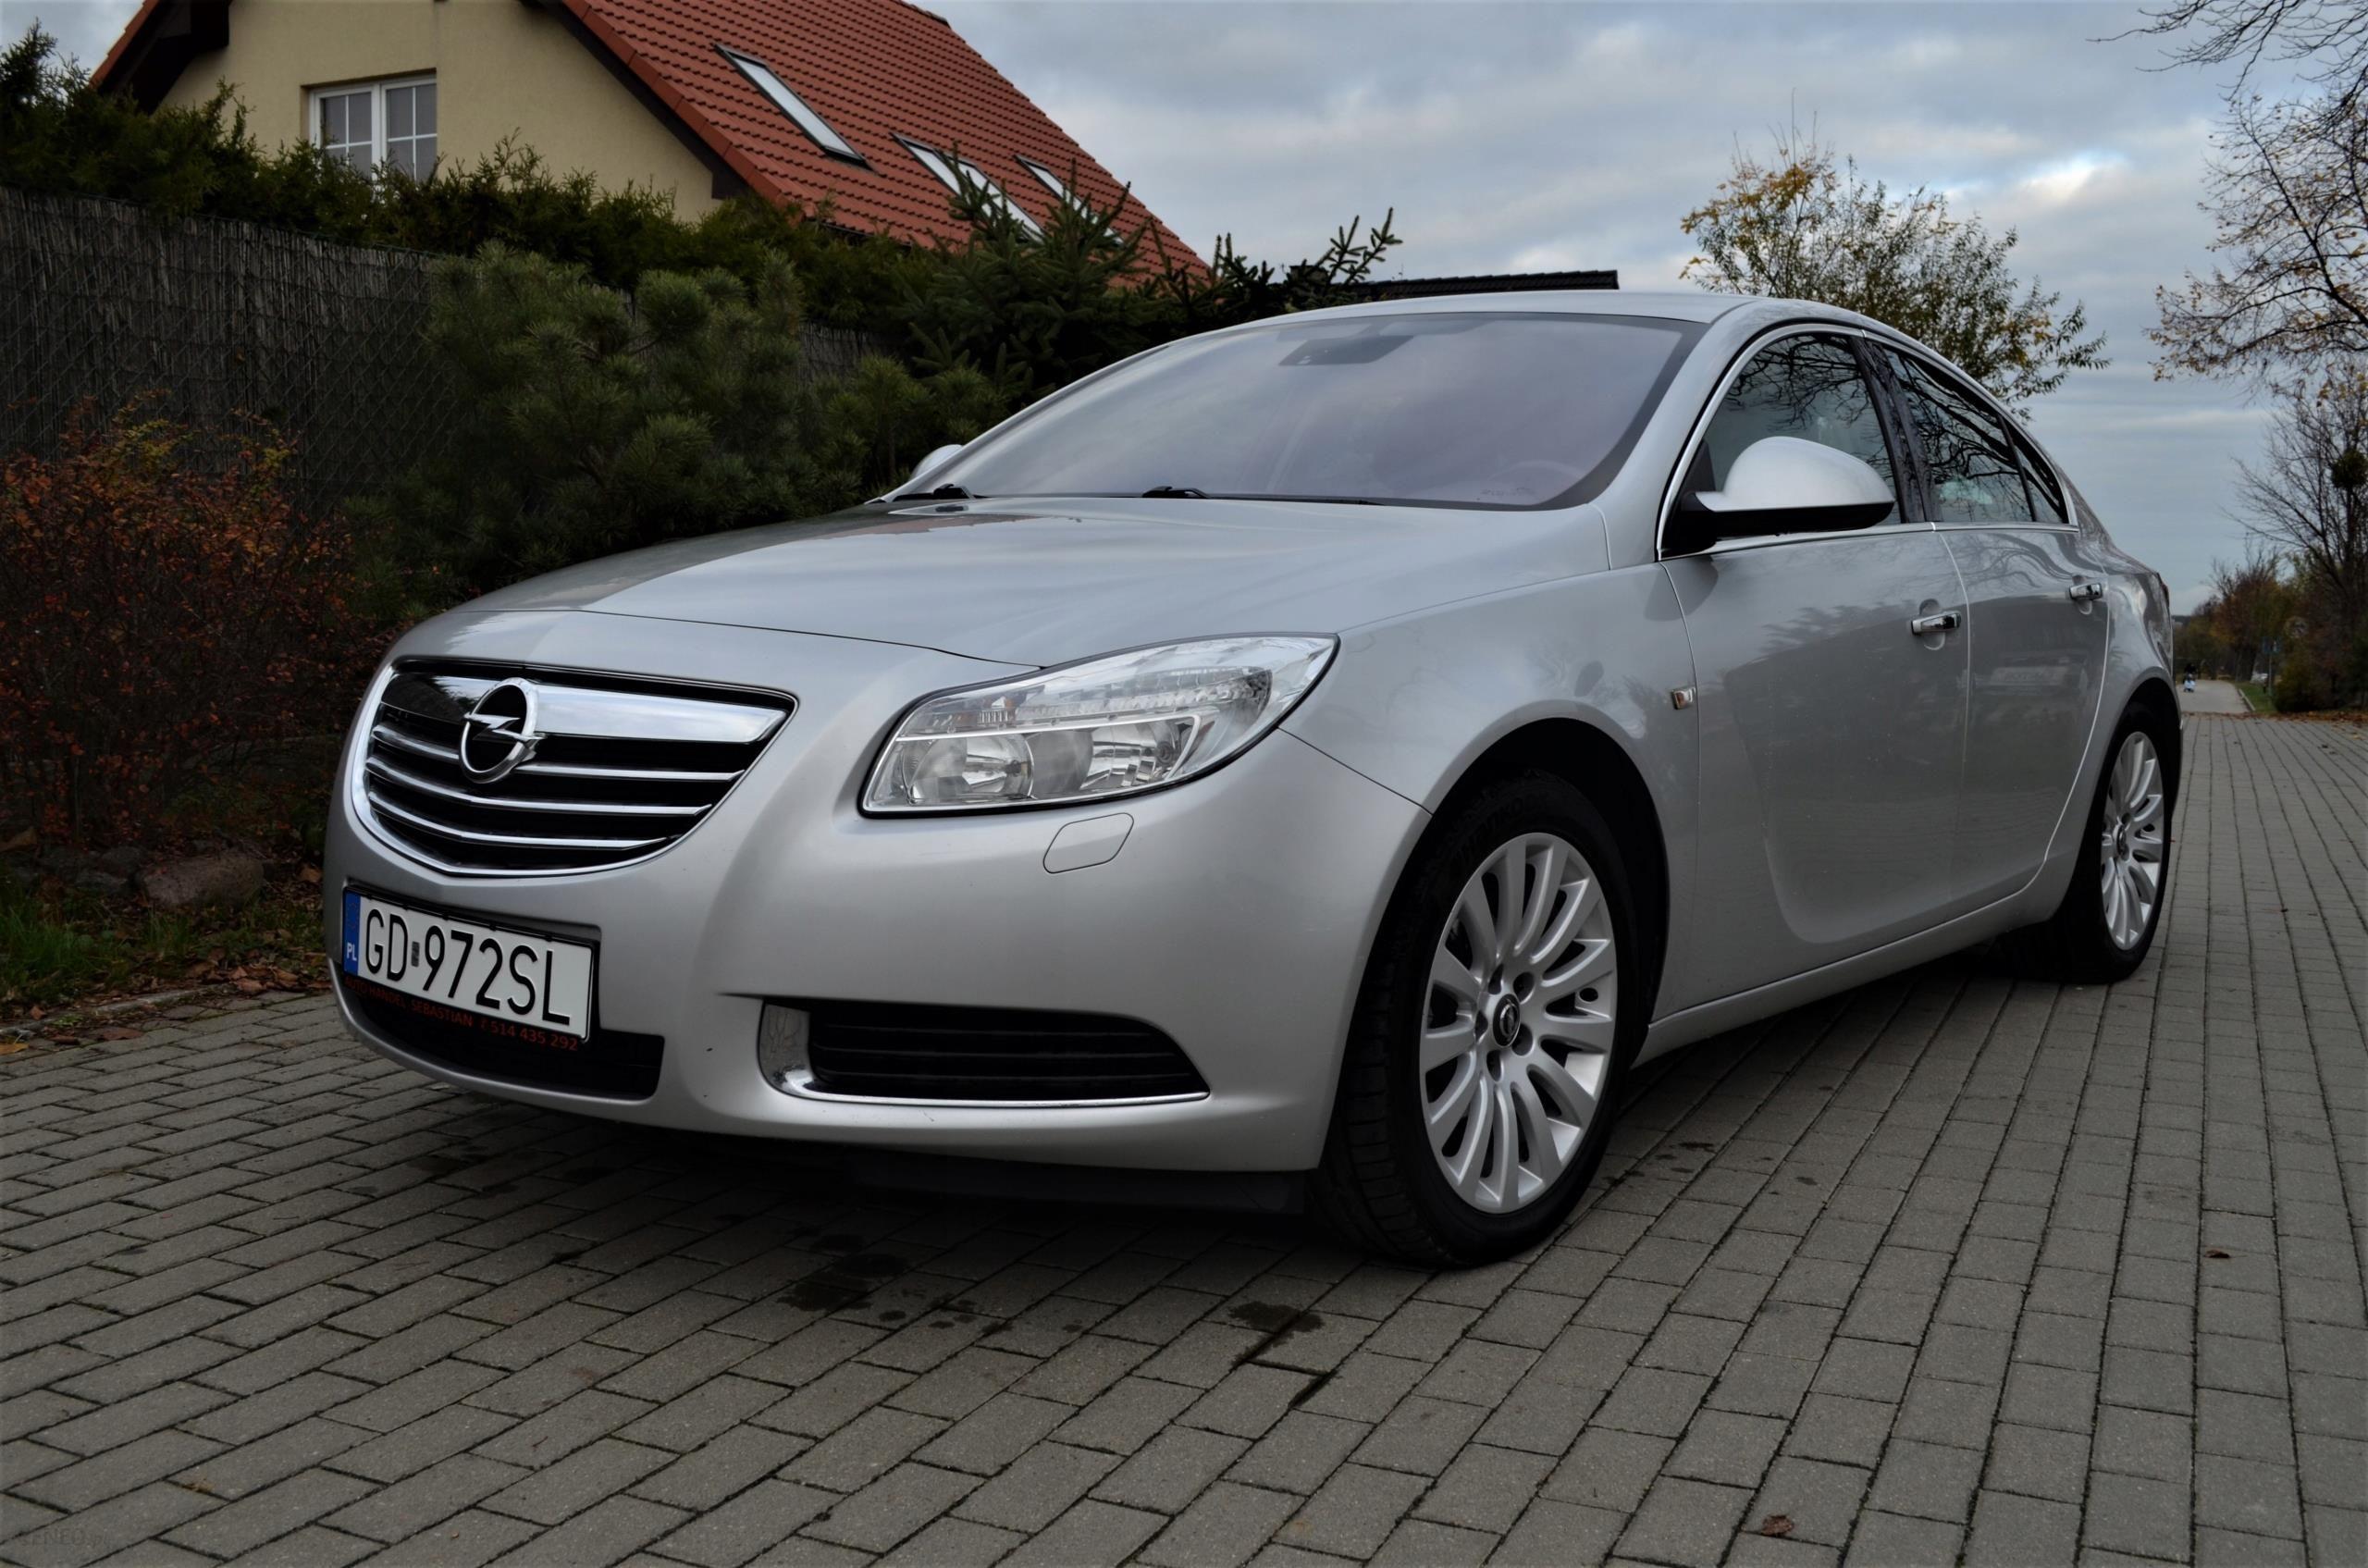 Opel Insignia Country 195km 4x4 Cross Xenon Led Opinie I Ceny Na Ceneo Pl